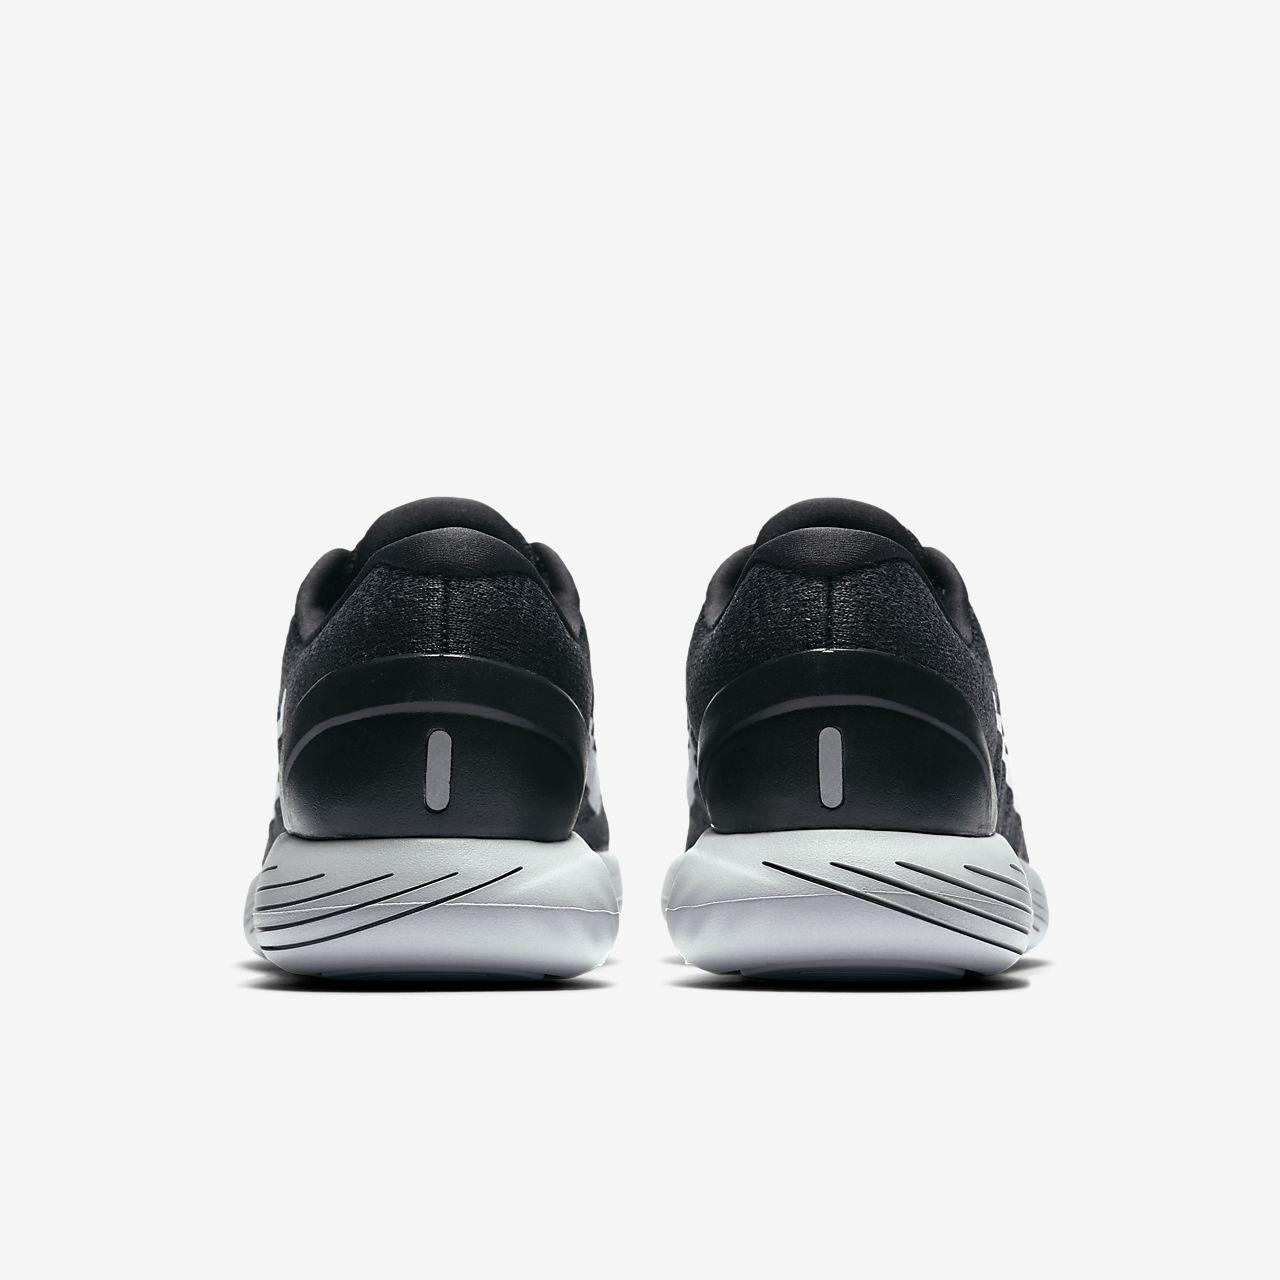 Chaussure Chaussure Chaussure de running Nike LunarGlide 9 pour LU 5a2b58